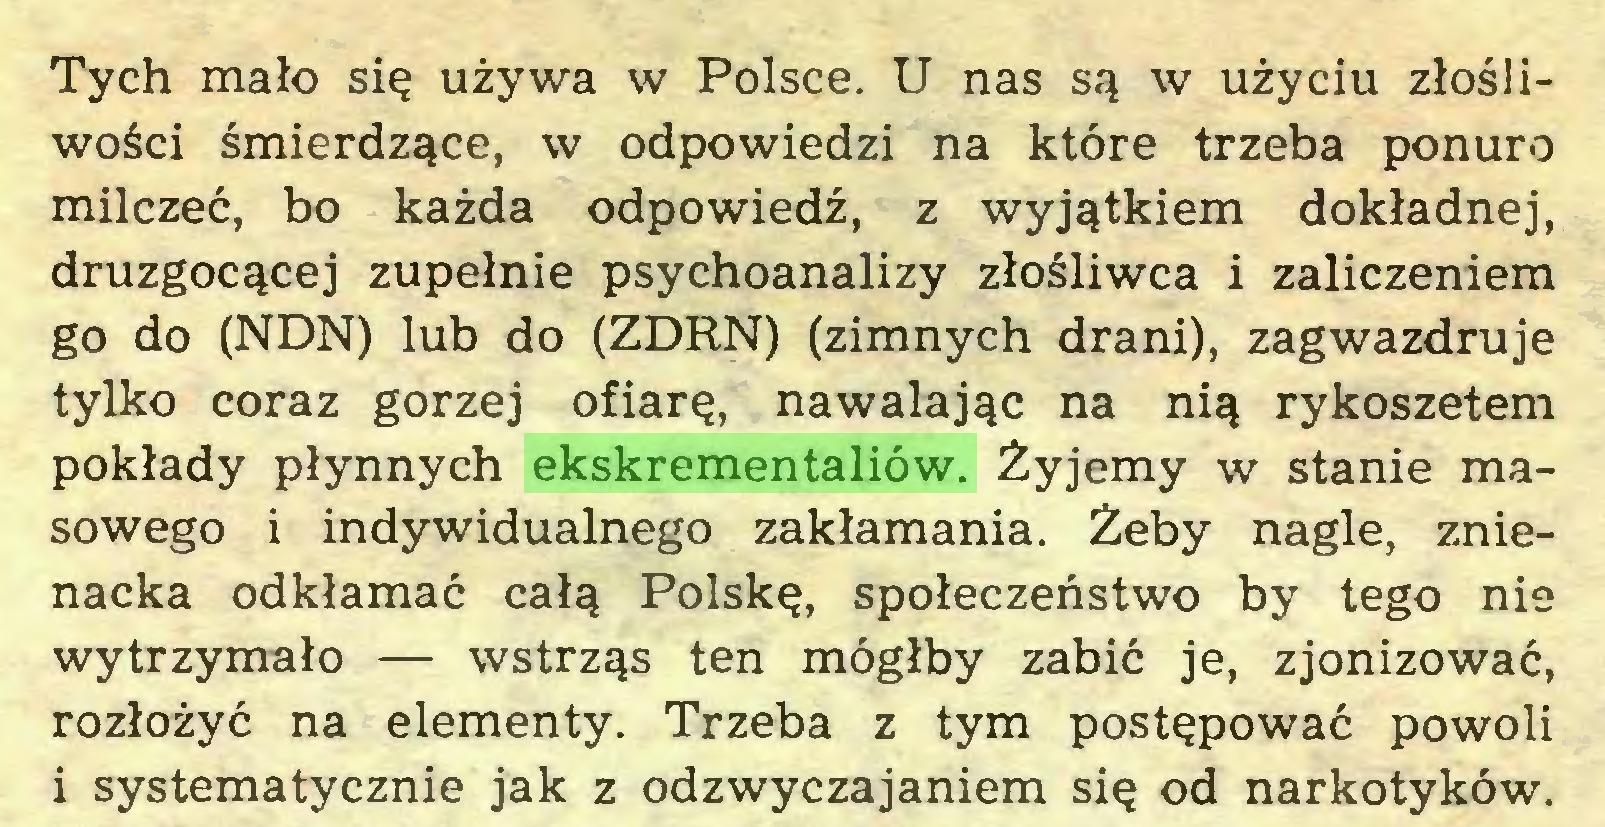 (...) Tych mało się używa w Polsce. U nas są w użyciu złośliwości śmierdzące, w odpowiedzi na które trzeba ponuro milczeć, bo każda odpowiedź, z wyjątkiem dokładnej, druzgocącej zupełnie psychoanalizy złośliwca i zaliczeniem go do (NDN) lub do (ZDRN) (zimnych drani), zagwazdruje tylko coraz gorzej ofiarę, nawalając na nią rykoszetem pokłady płynnych ekskrementaliów. Żyjemy w stanie masowego i indywidualnego zakłamania. Żeby nagle, znienacka odkłamać całą Polskę, społeczeństwo by tego nie wytrzymało — wstrząs ten mógłby zabić je, zjonizować, rozłożyć na elementy. Trzeba z tym postępować powoli i systematycznie jak z odzwyczajaniem się od narkotyków...